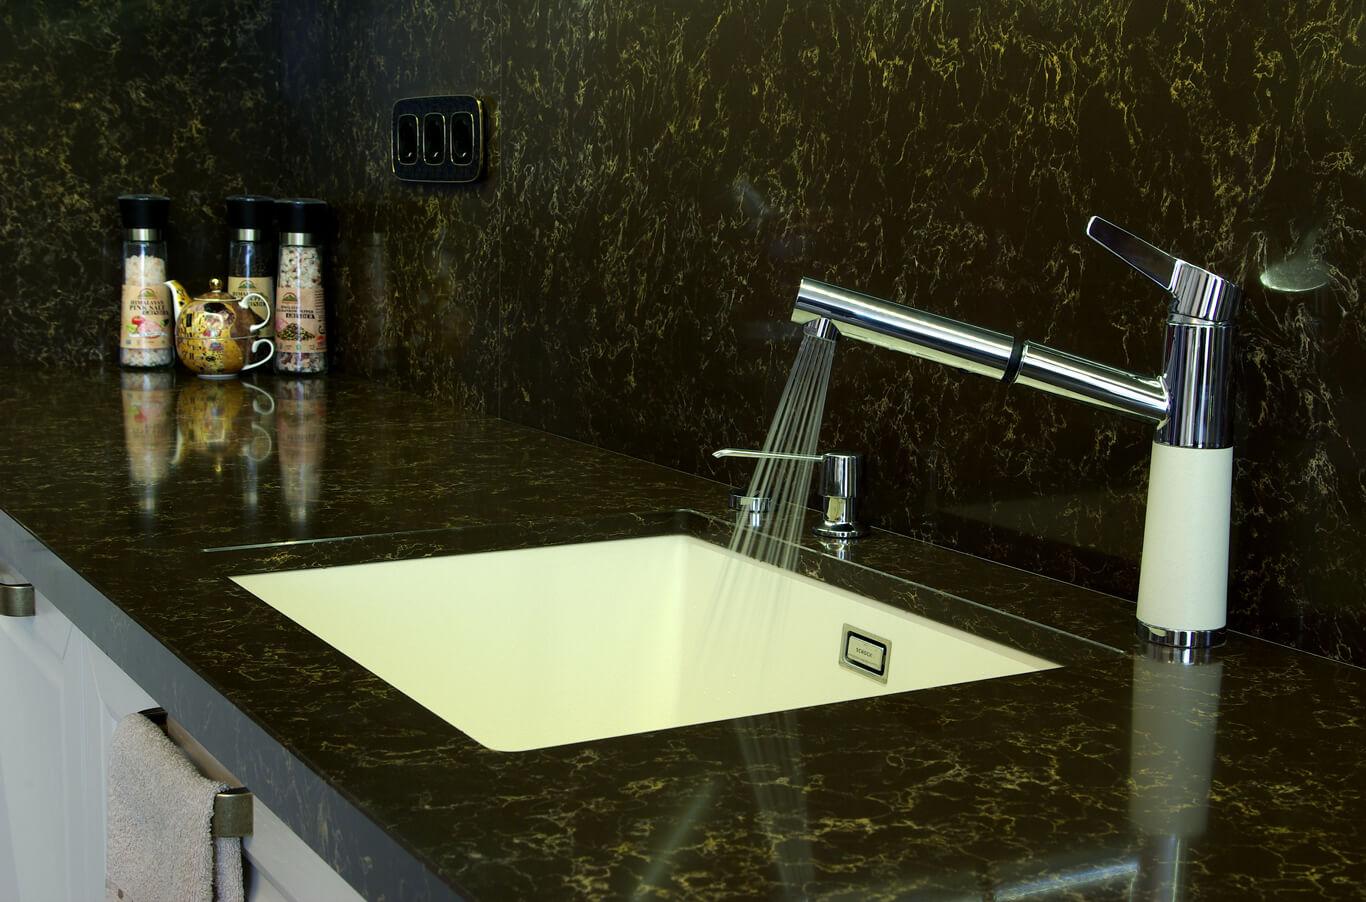 бодилукс млечно бяла каменна мивка вградена в тъмен плот